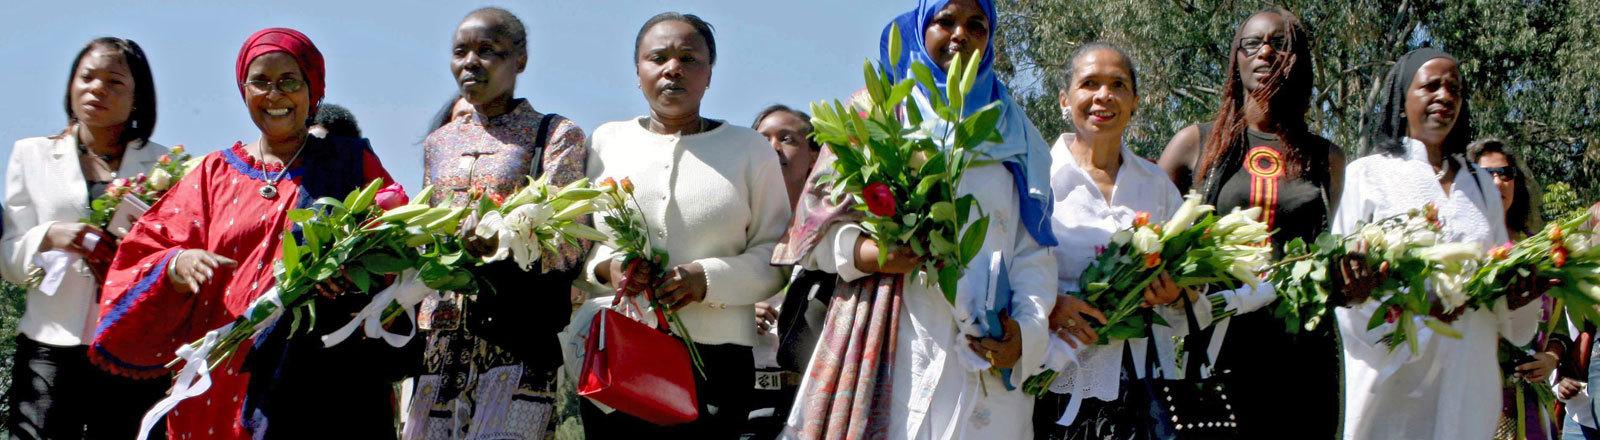 Weibliche Aktivistinnen am 30.01.2008 im Nachgang der gewalttätigen Auseinandersetzungen nach den Präsidentschaftsawahlen.